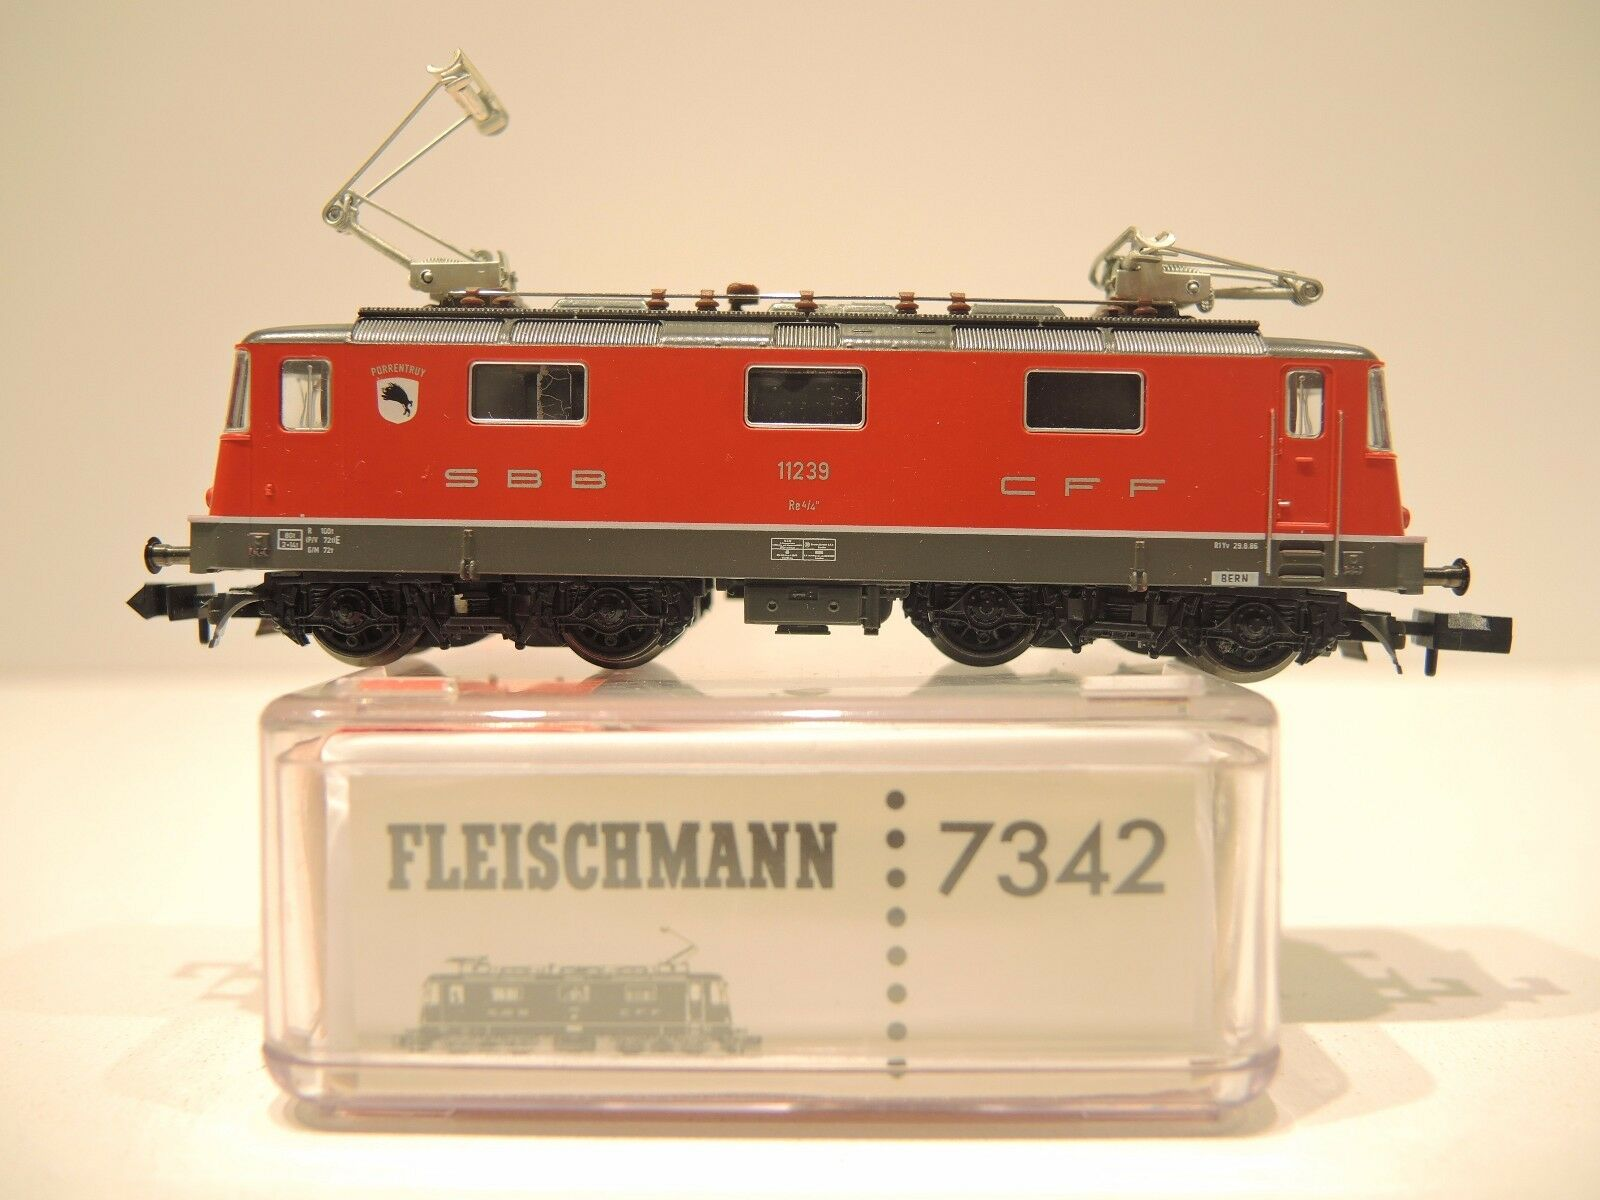 Fleischuomon 7342 E-Lok re 4 4 della SBB-FFS, SBB-FFS, SBB-FFS, Porrentruy, TOP    OVP 24a9d1